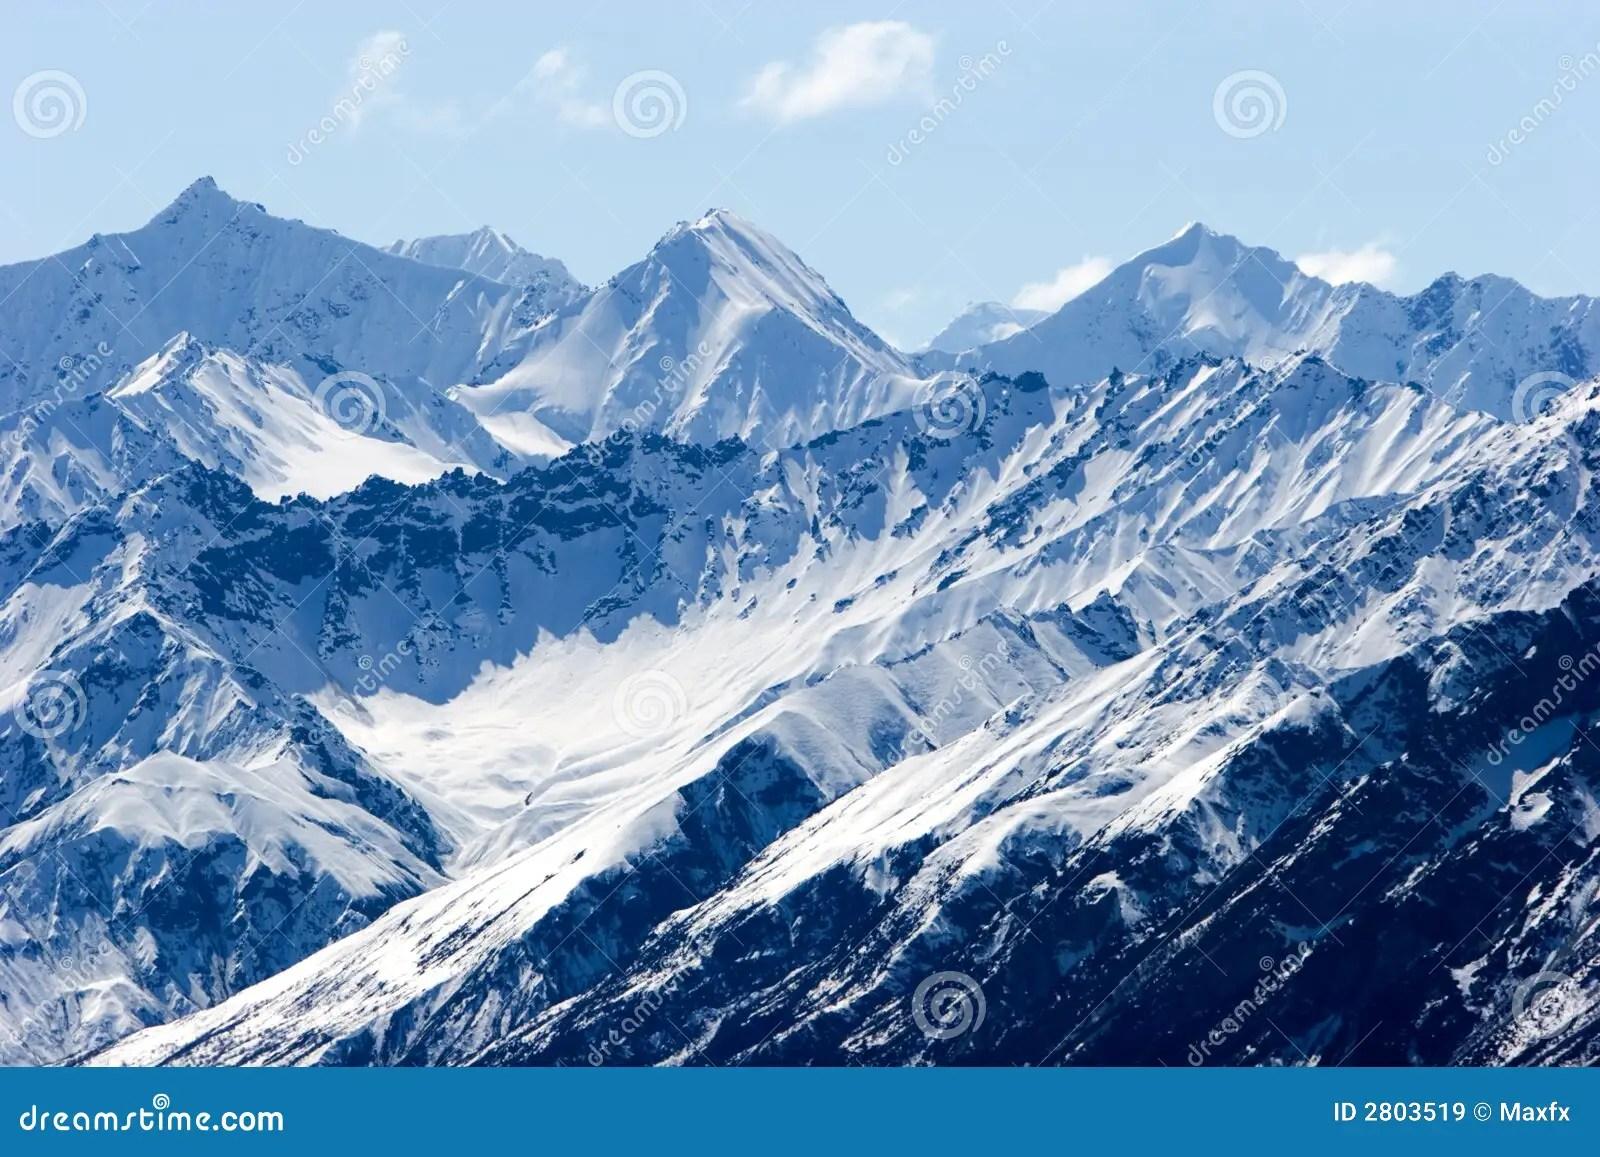 snowy alaska mountain peaks